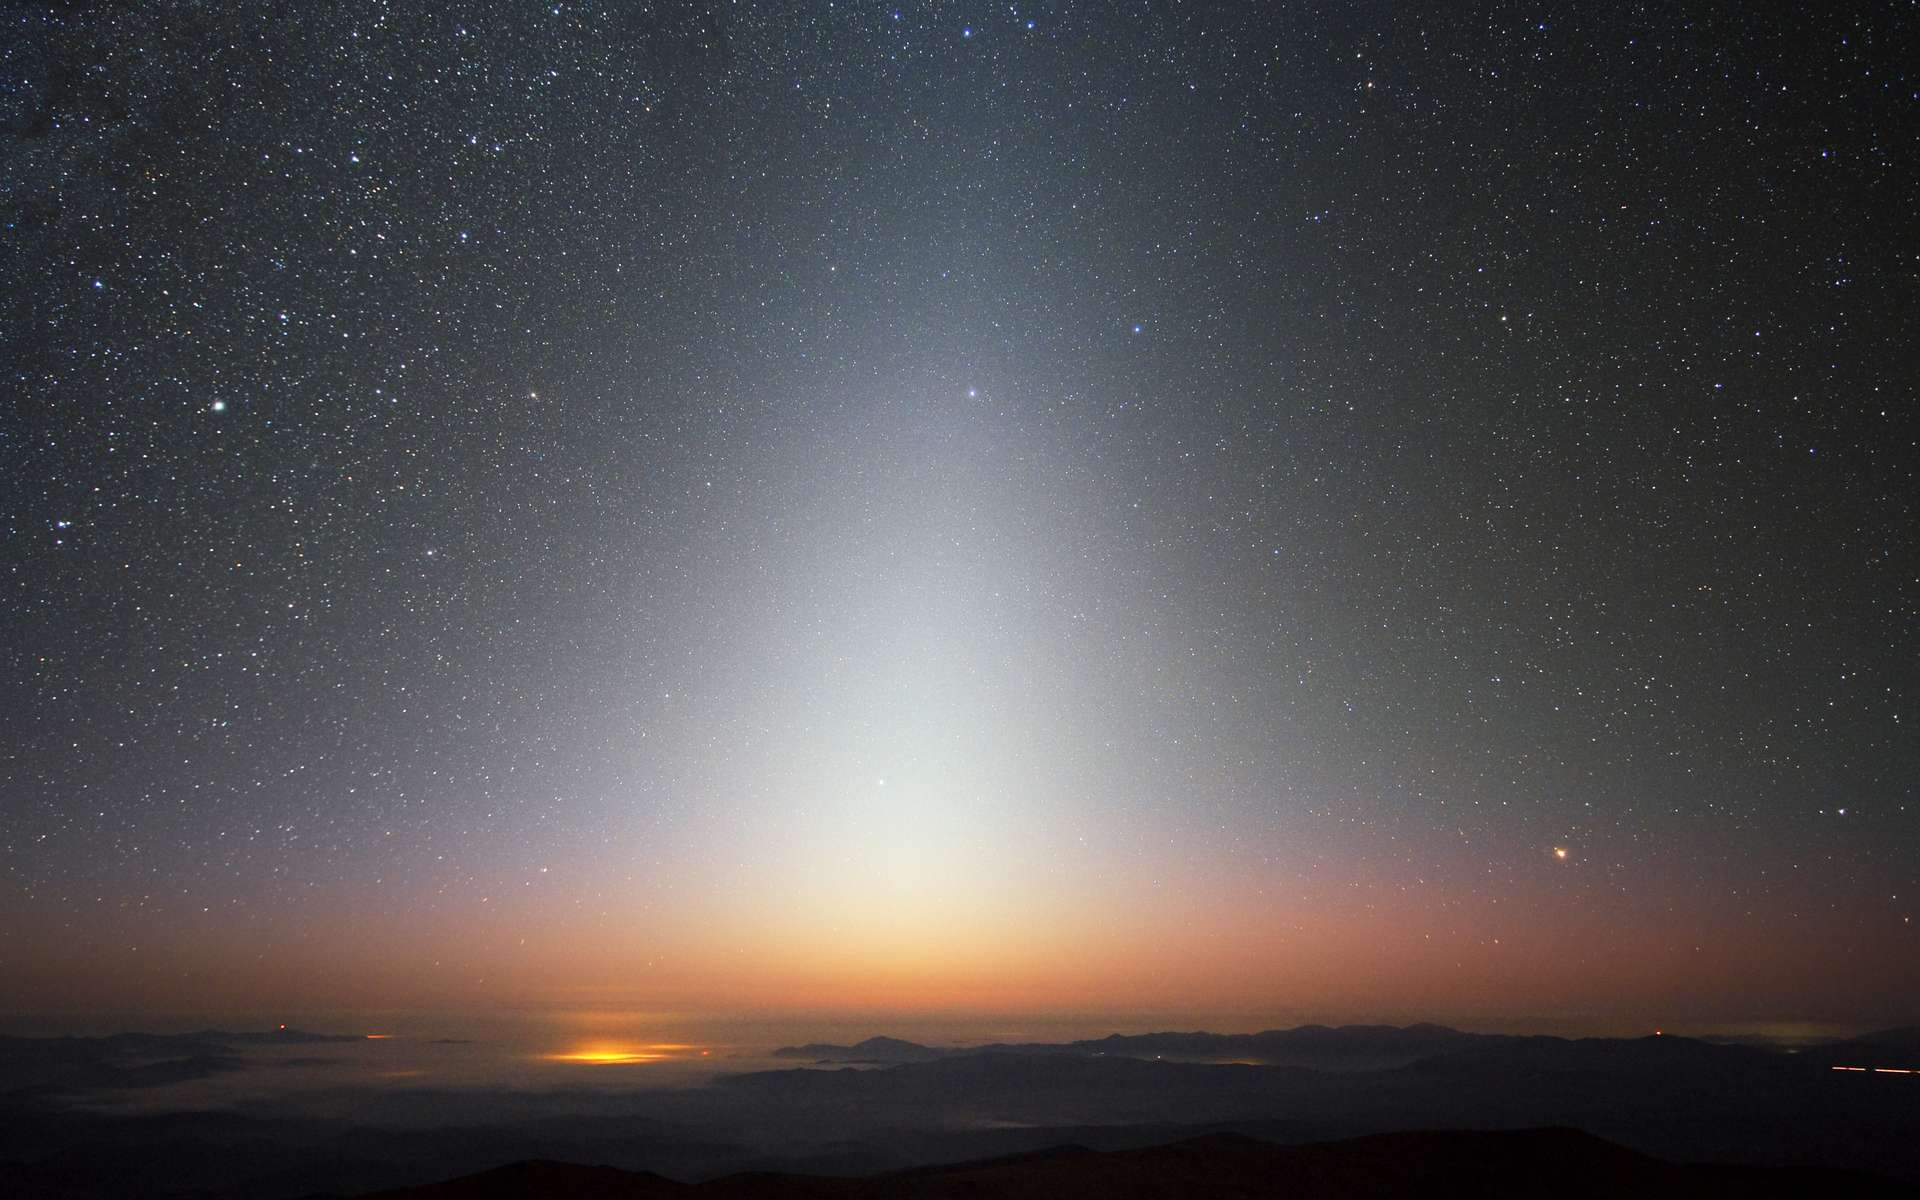 Lumière zodiacale au-dessus de l'horizon au Chili, non loin de l'observatoire de Paranal. © ESO, Yuri Beletsky